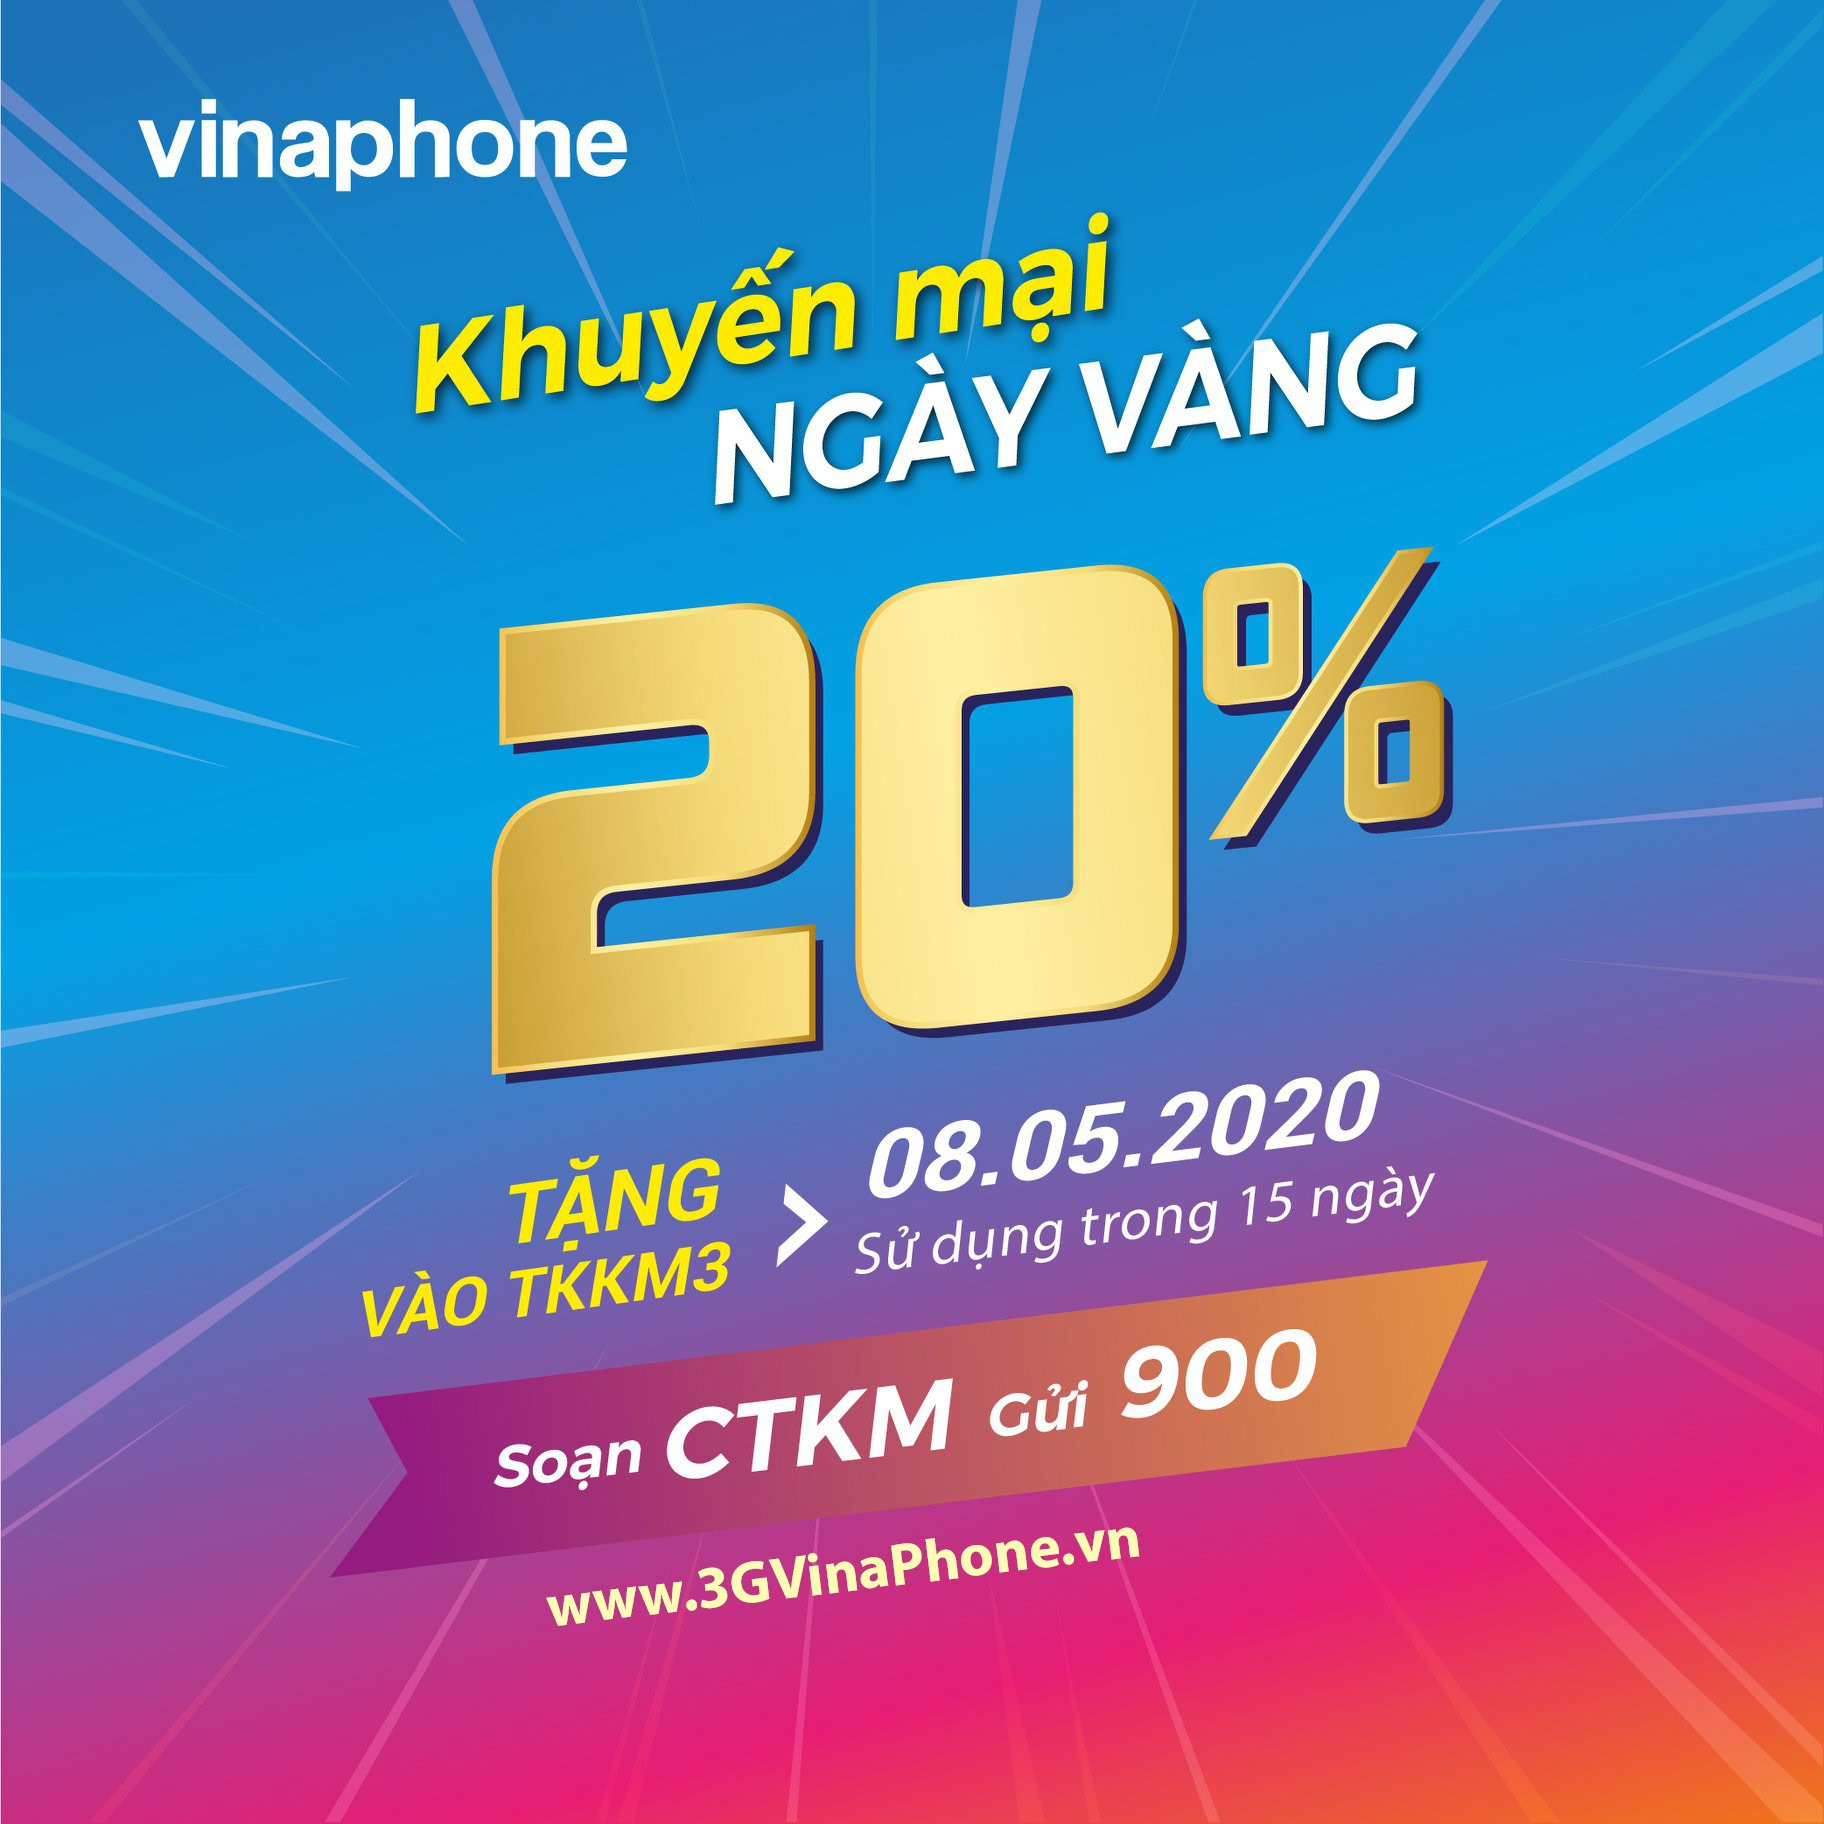 Vinaphone khuyến mãi ngày vàng 8/5/2020 tặng 20% giá trị thẻ nạp